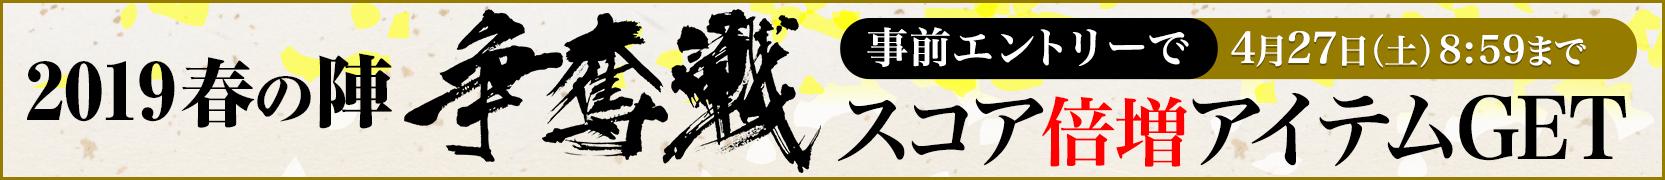 争奪戦 2019春の番外編(事前エントリー)